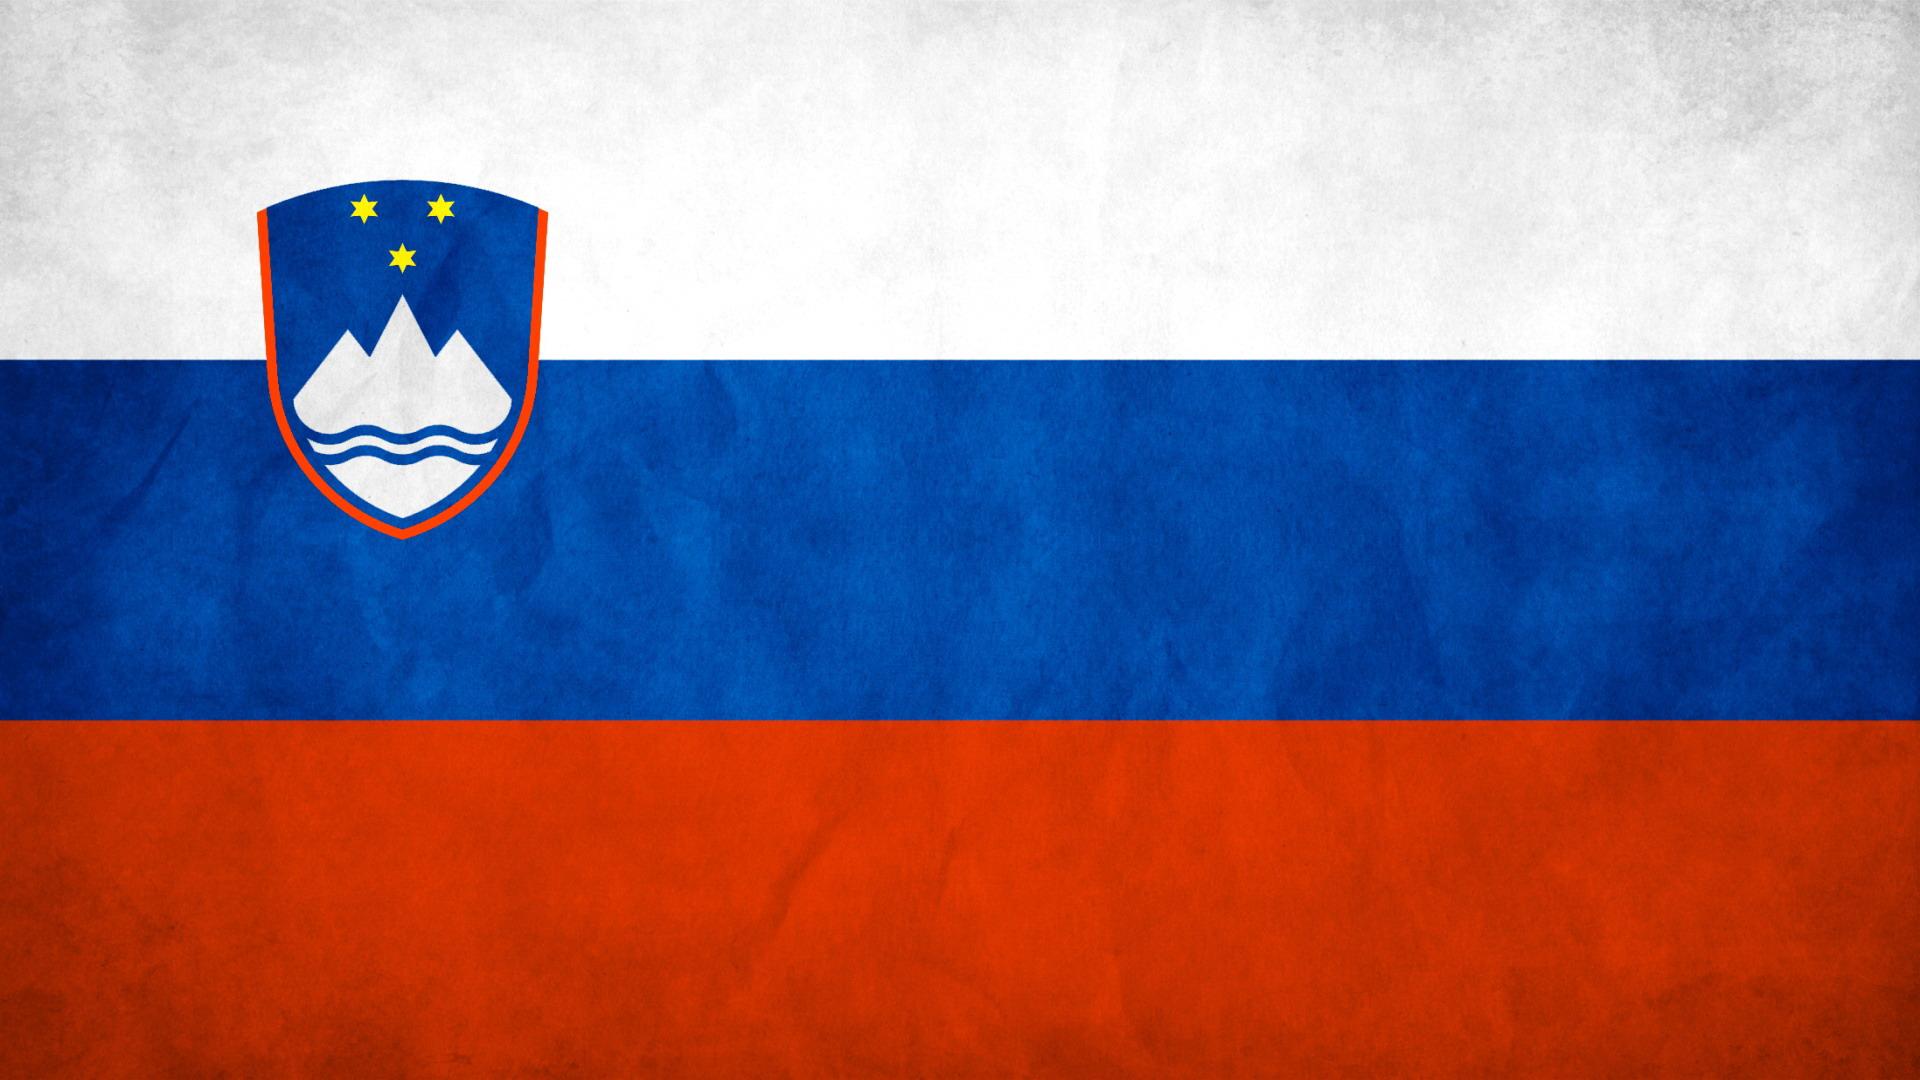 20170714_21-27-Словения- гражданская война или национальное примирение-pic1-Словения